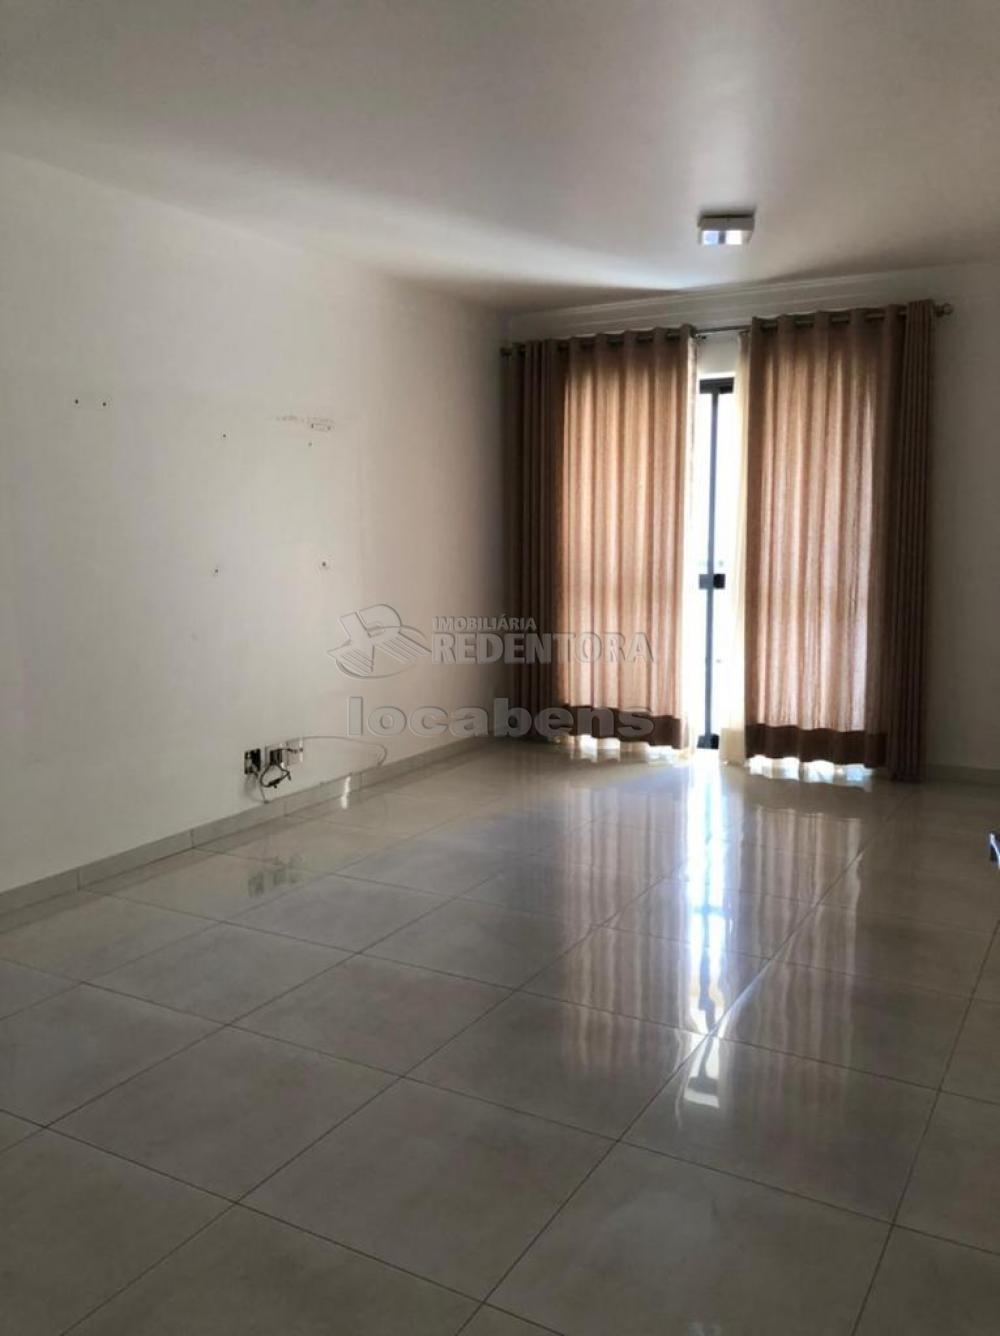 Comprar Apartamento / Padrão em São José do Rio Preto R$ 450.000,00 - Foto 12